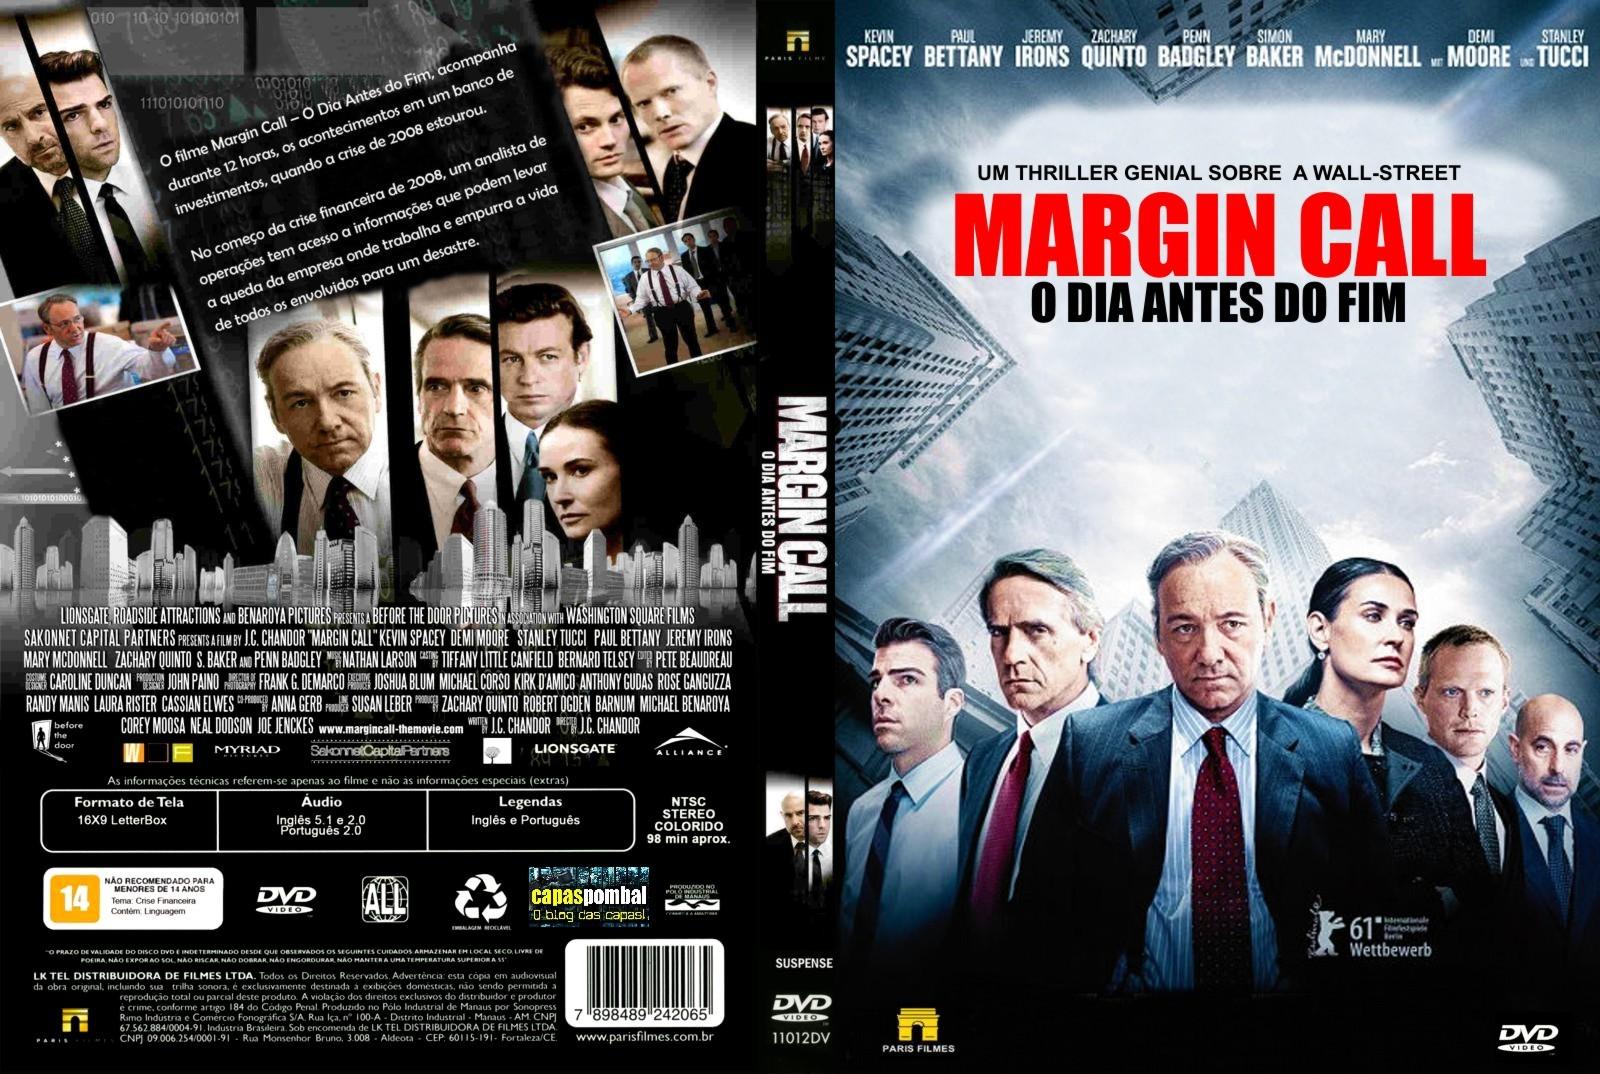 Margin call dvdrip online dating 1